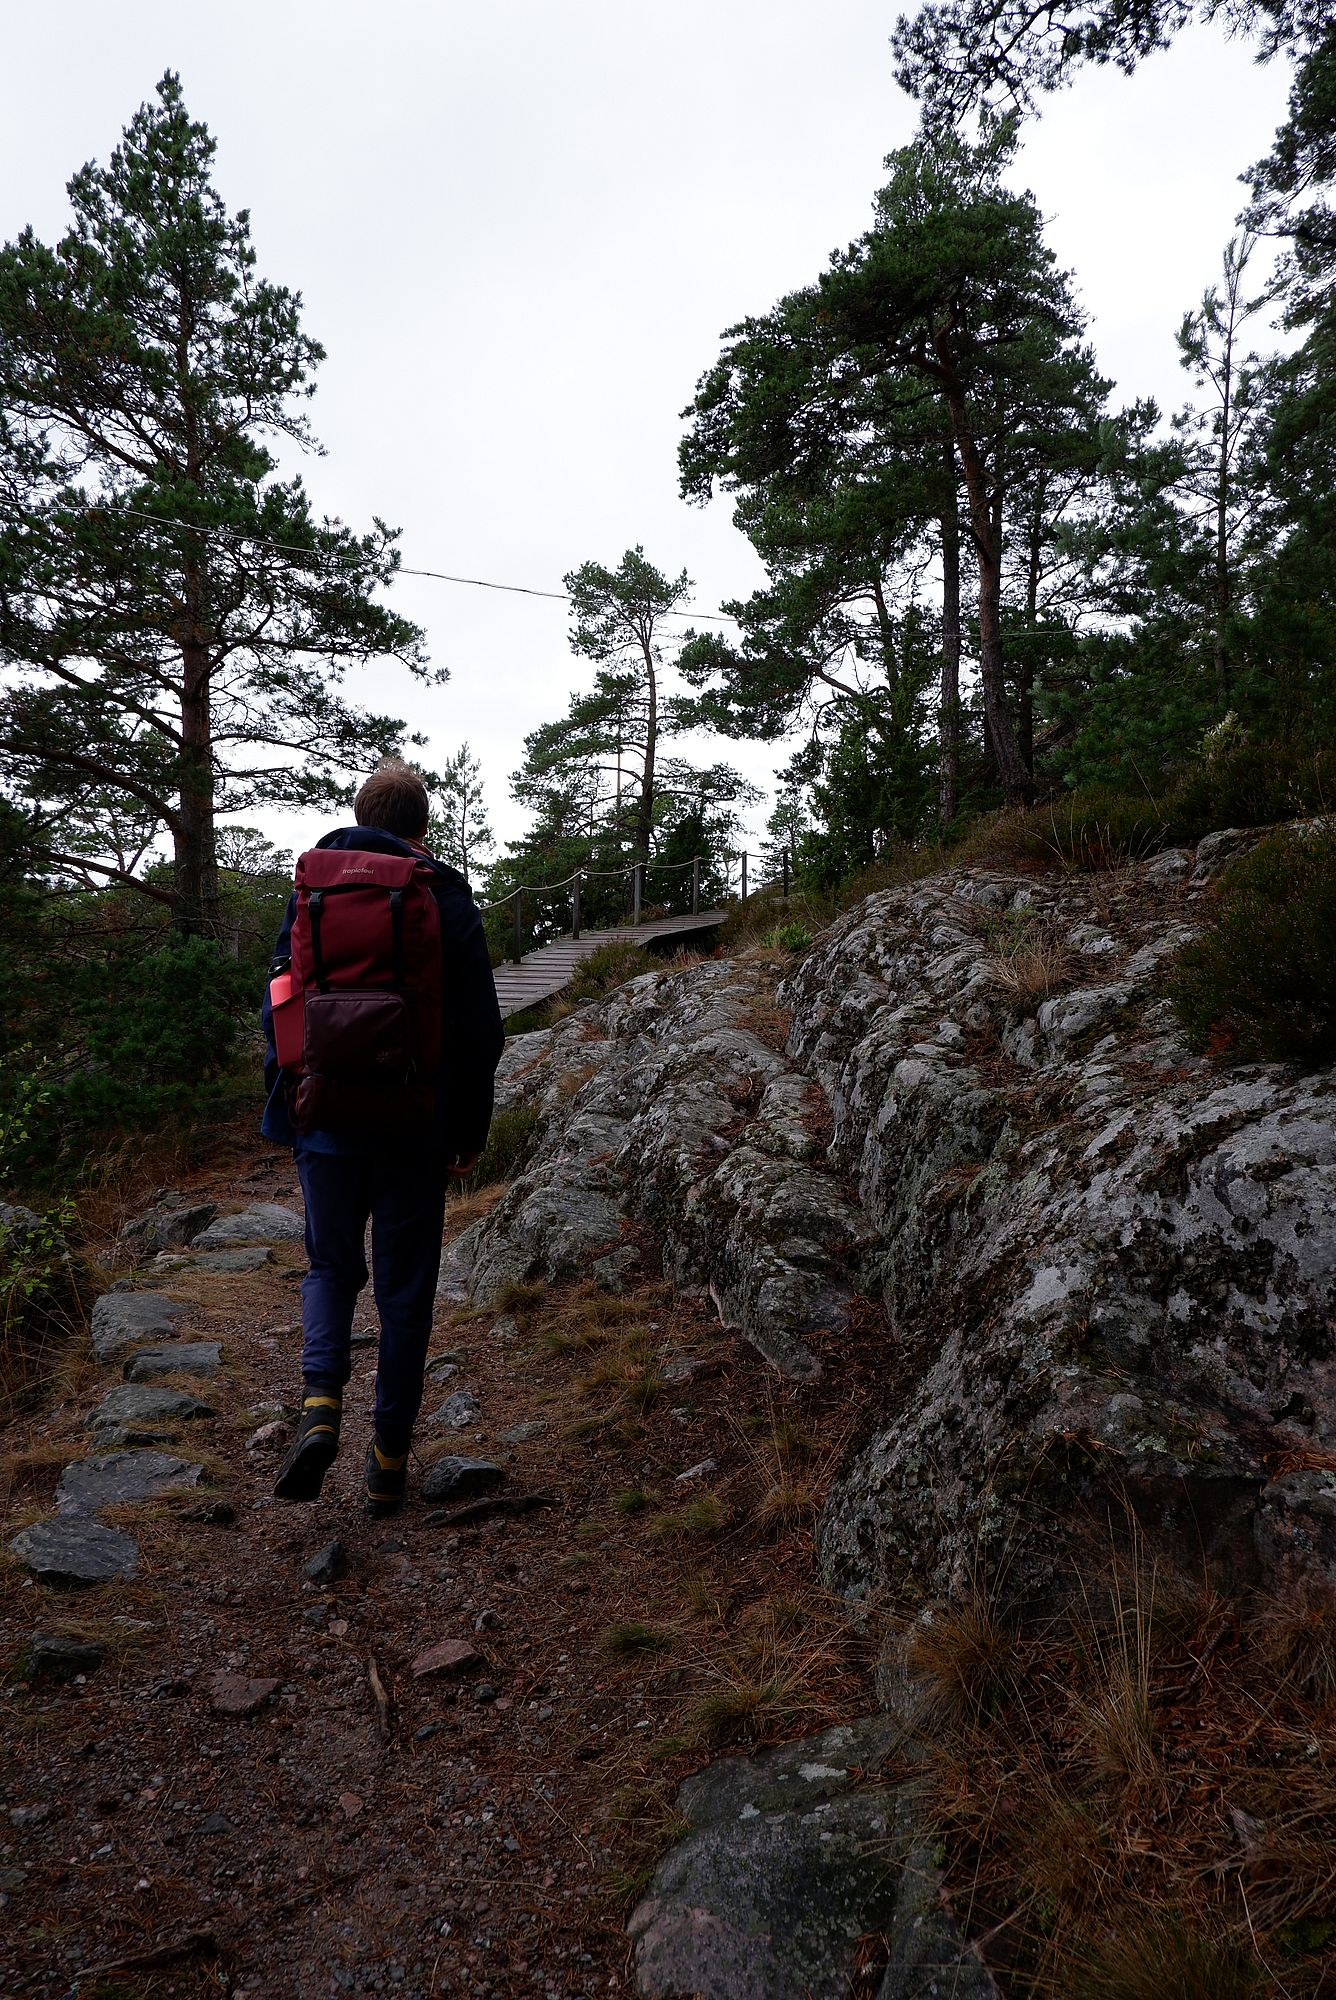 Ryan avec son sac à dos sur un chemin rocheux